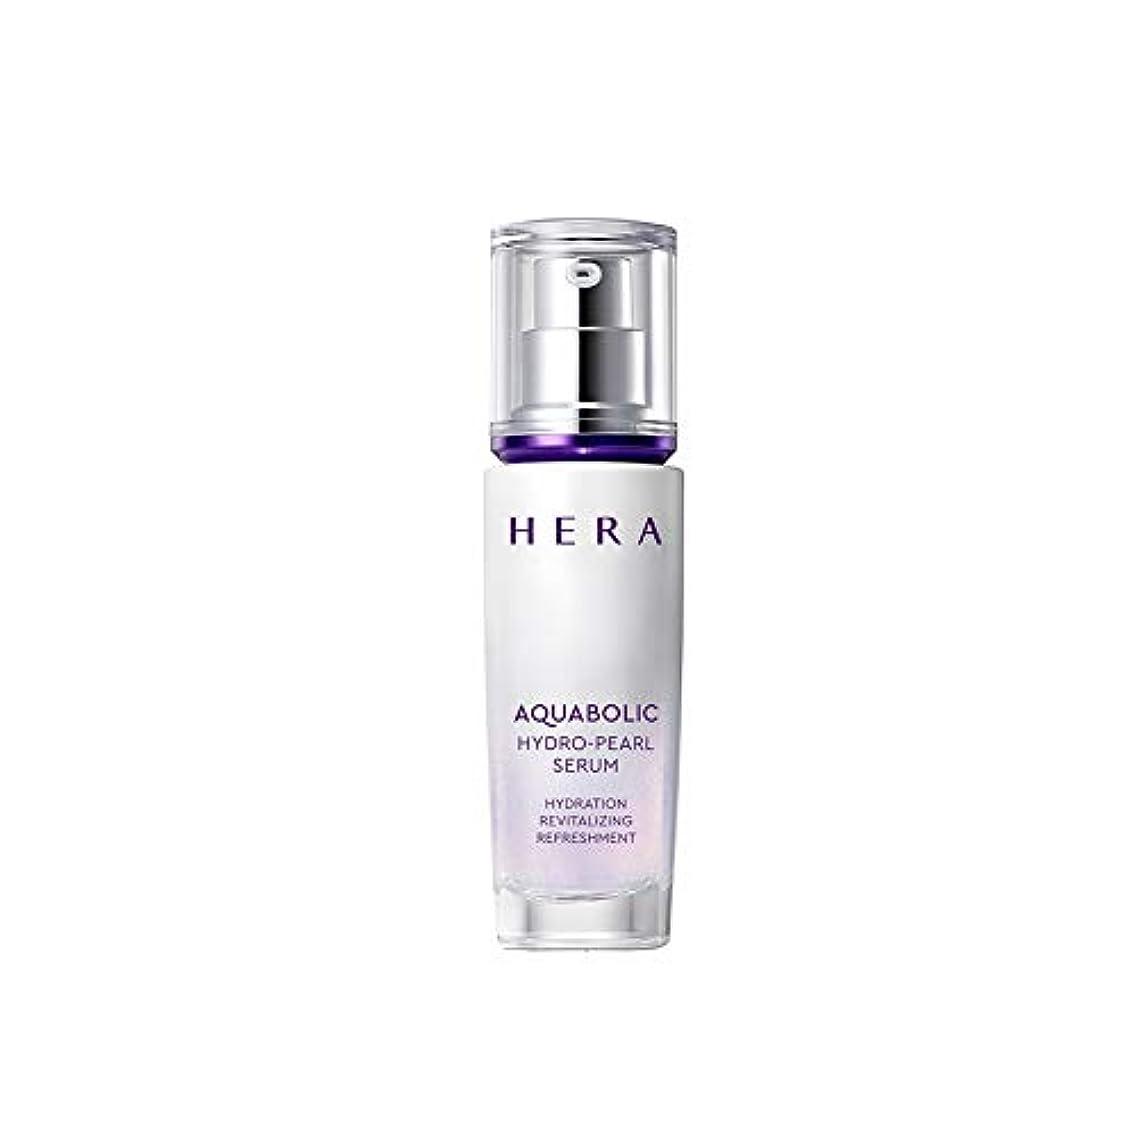 連想溶ける令状【HERA公式】ヘラ アクアボリック ハイドロ-パール セラム 40mL/HERA Aquabolic Hydro-Pearl Serum 40ml